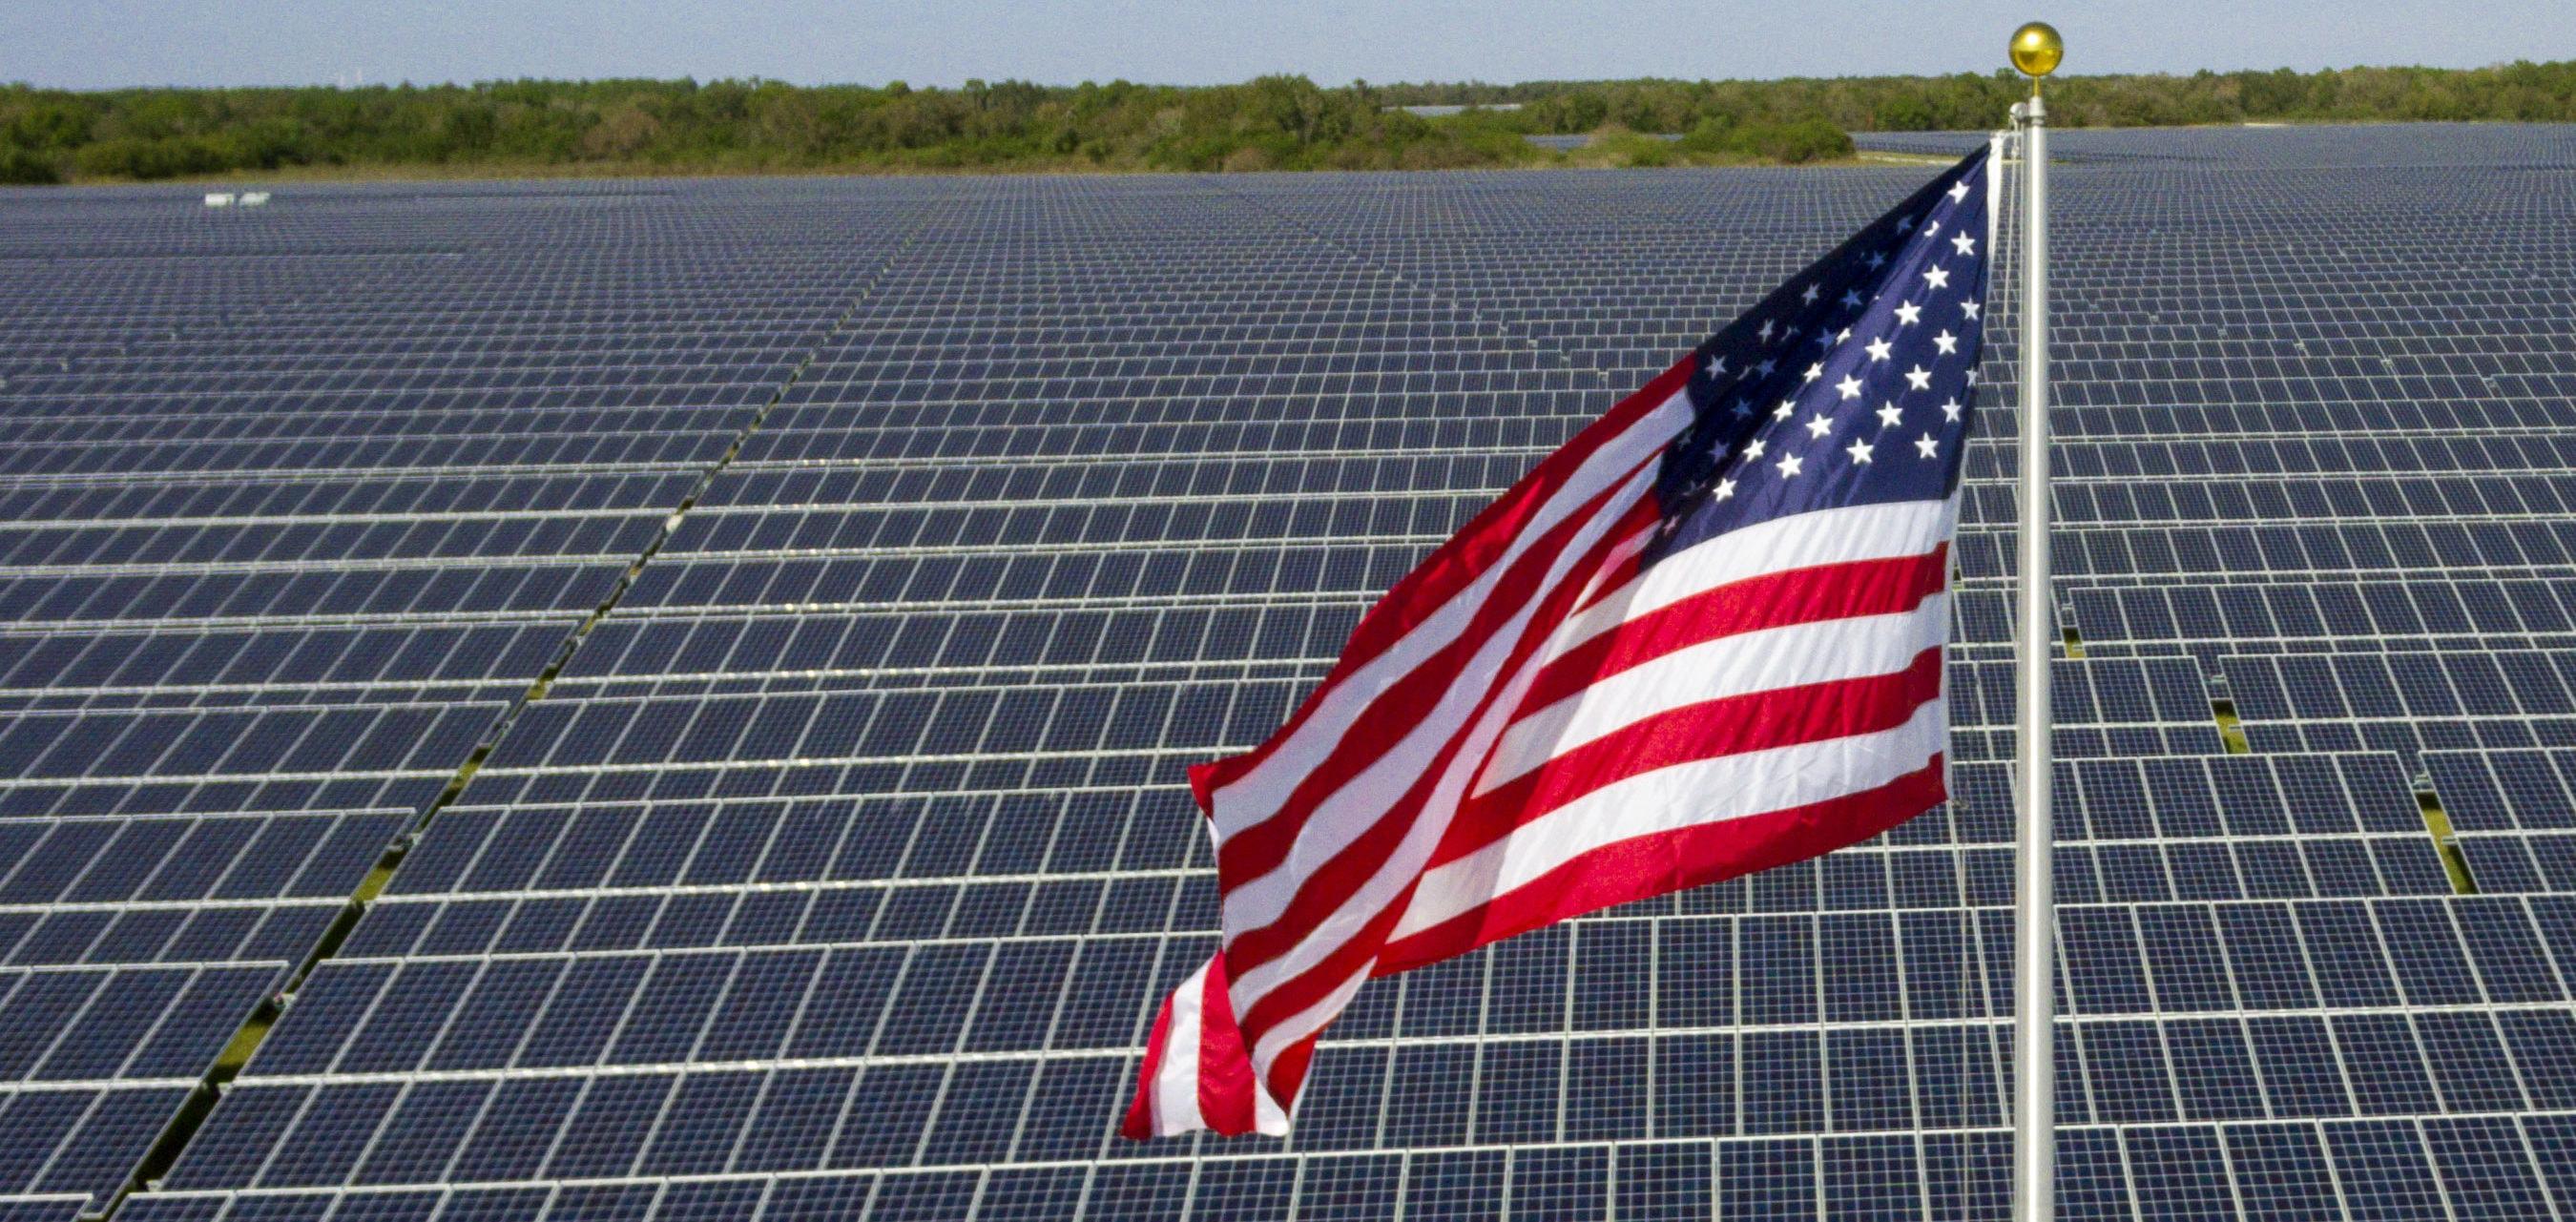 Flag-at-FPL-Manatee-Solar-Energy-Center-Manatee-County-Fla-1-e1492787254871.jpg